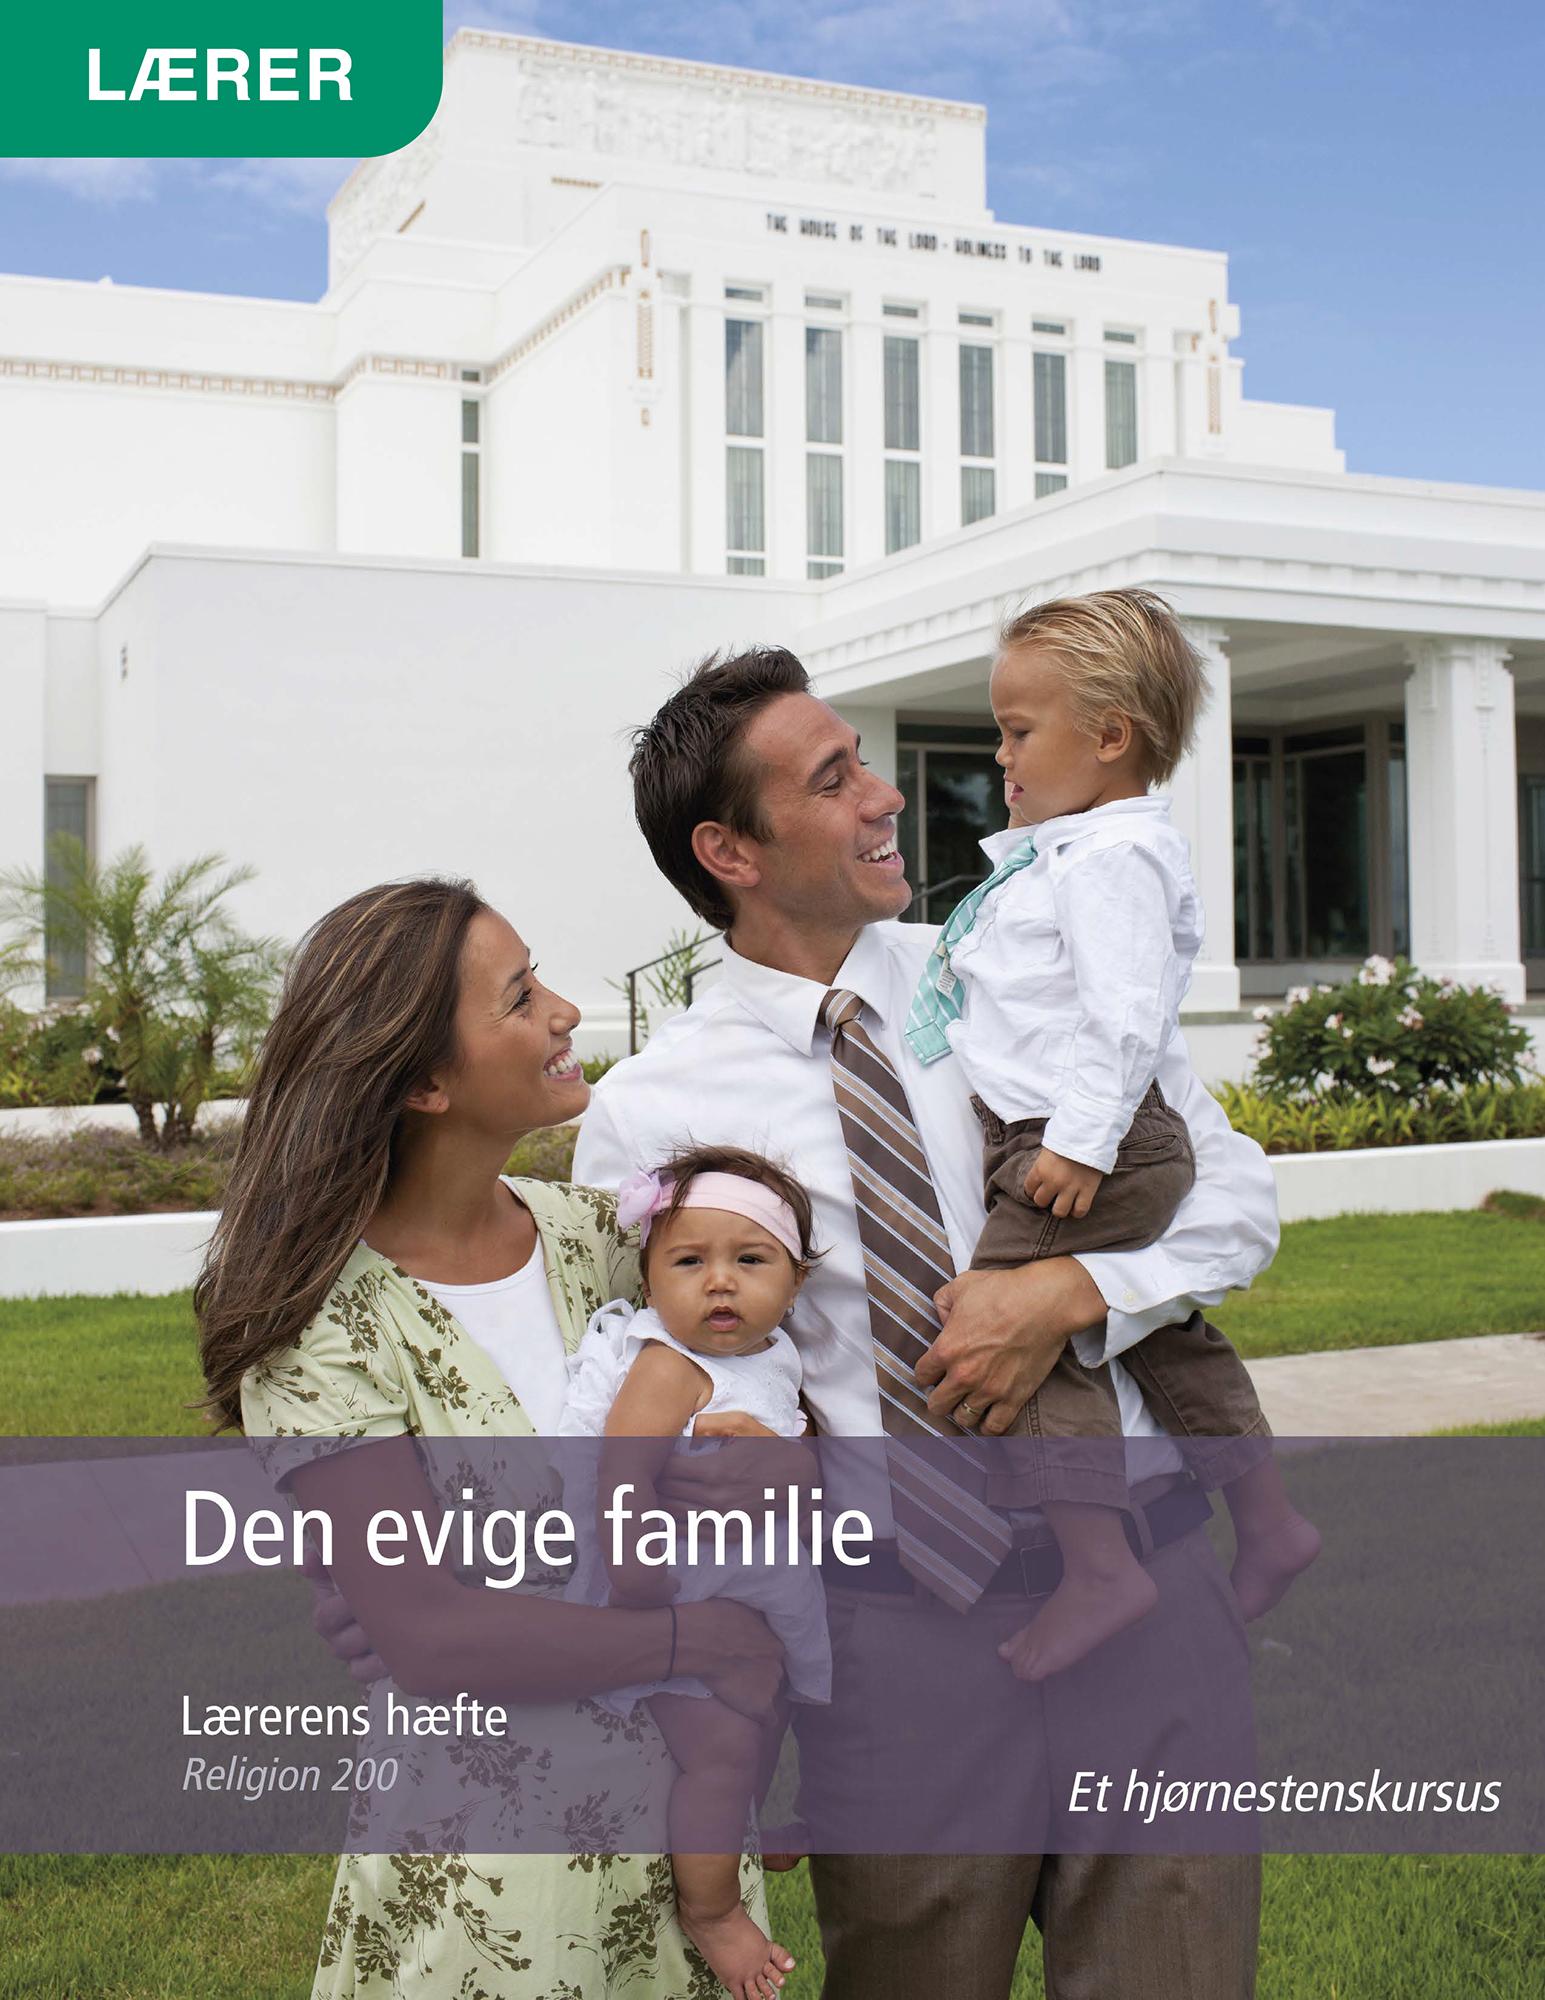 Den evige familie – Lærerens hæfte (Rel 200)